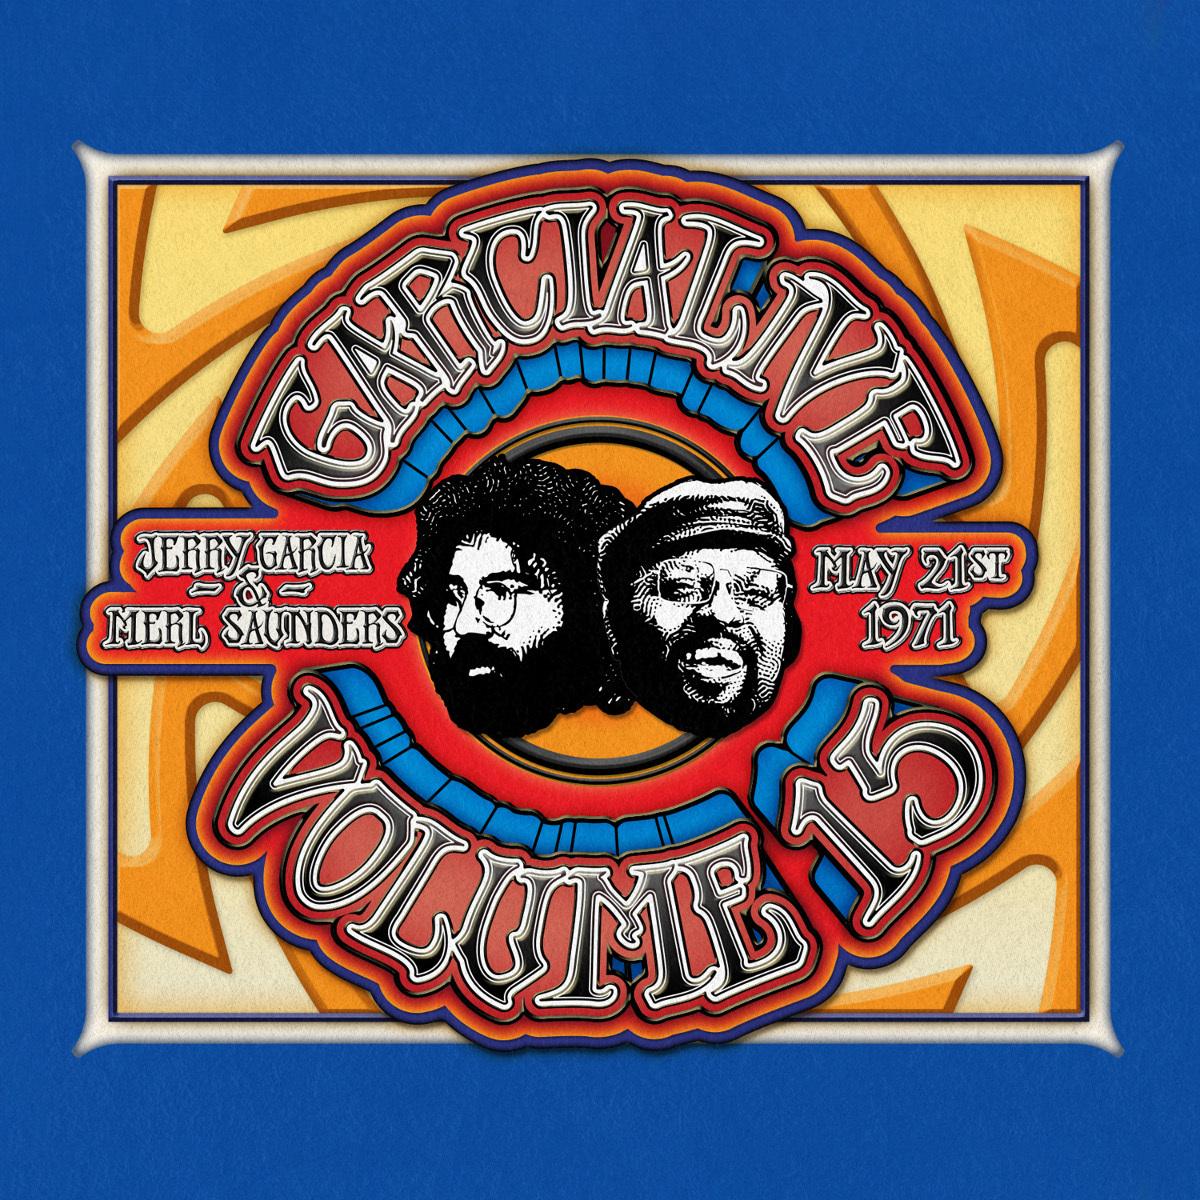 Jerry Garcia & Merl Saunders - GarciaLive Volume 15: 05/21/71 2-CD Set or Digital Download